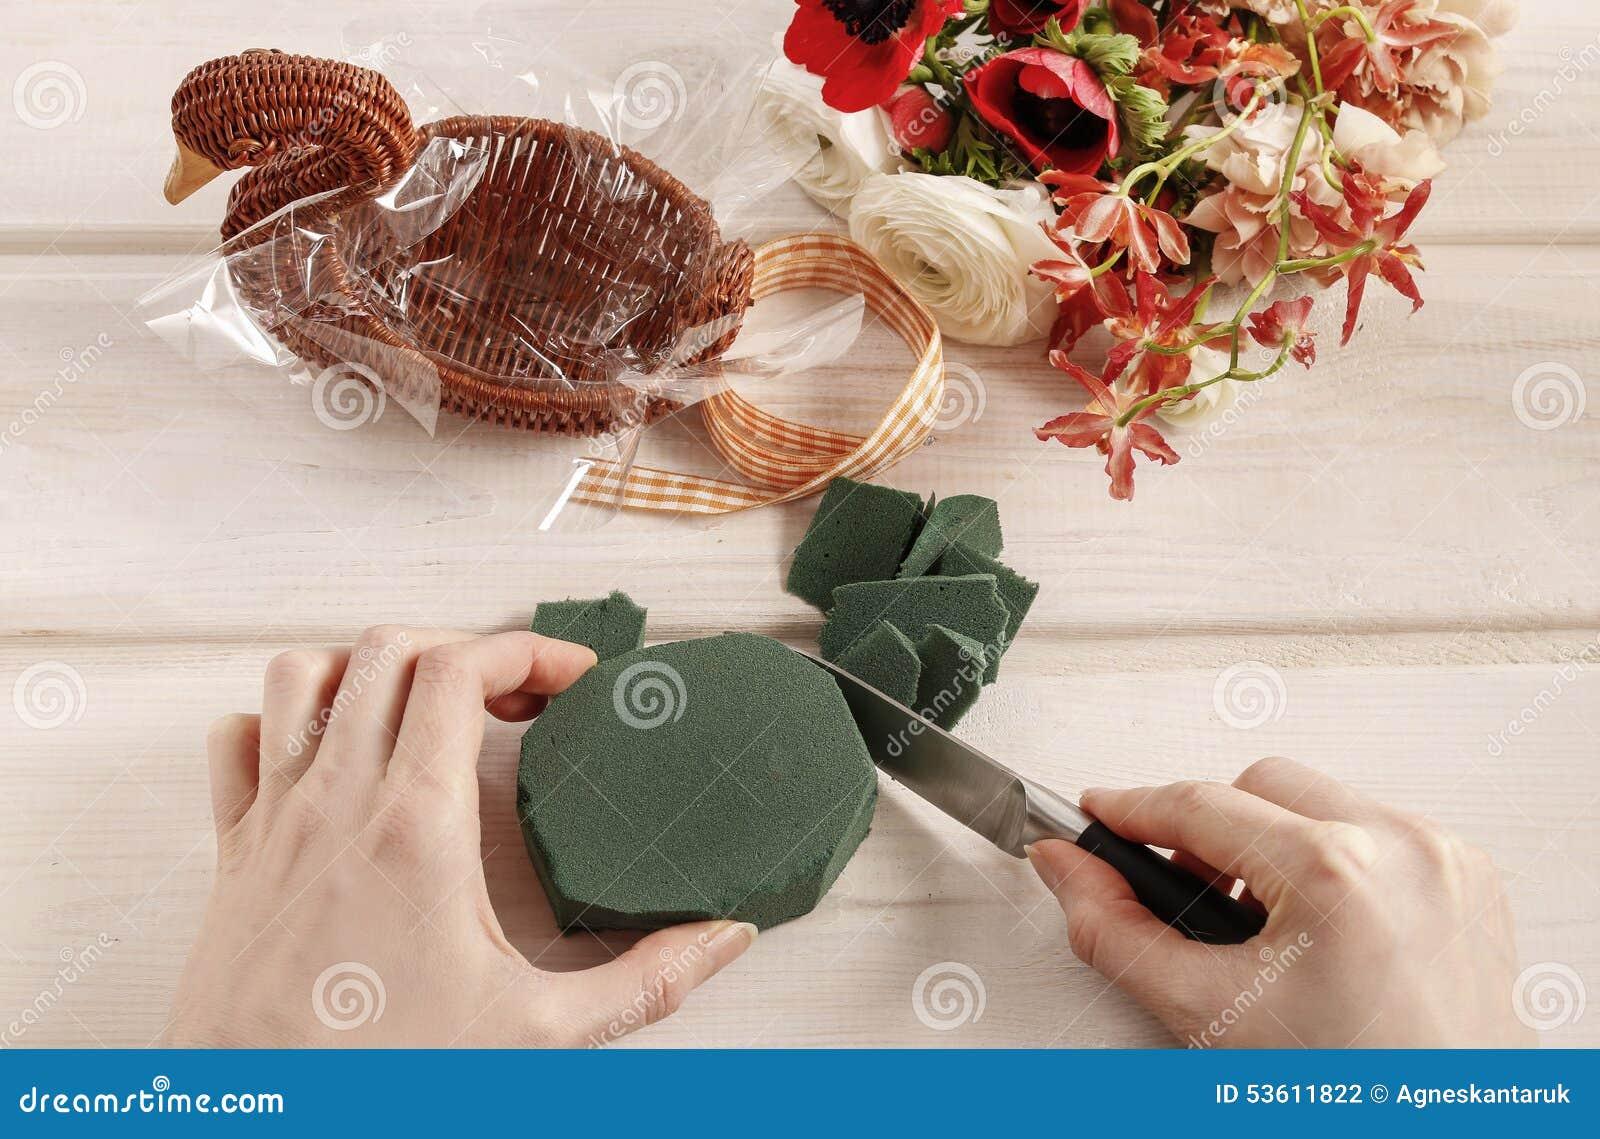 Comment Faire Un Bouquet De Roses comment faire le bouquet des fleurs dans l'oie en osier